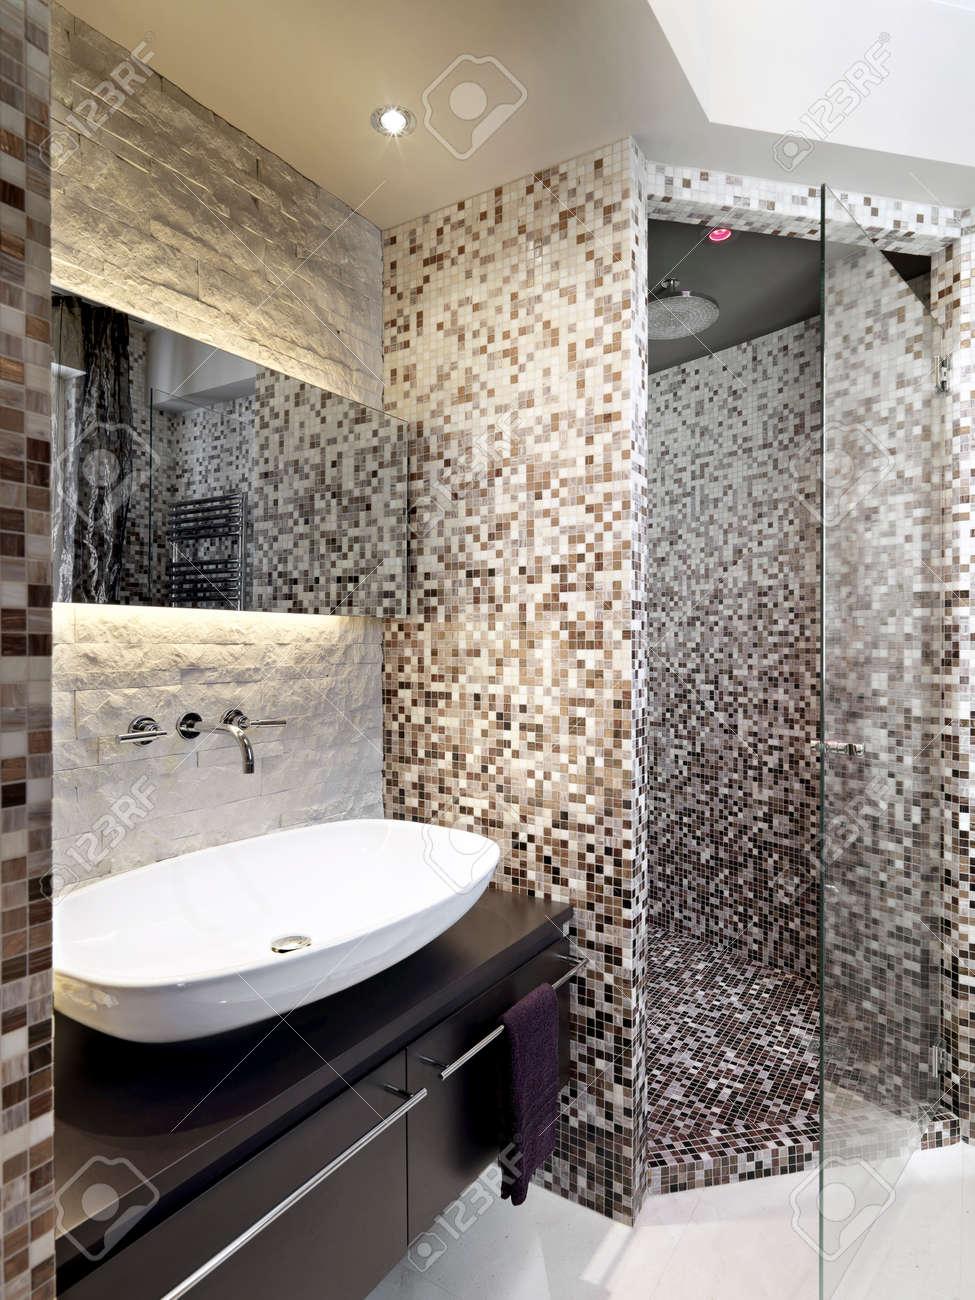 mosaico bagno dettaglio del lavandino in un bagno moderno con box doccia in muratura rivestita